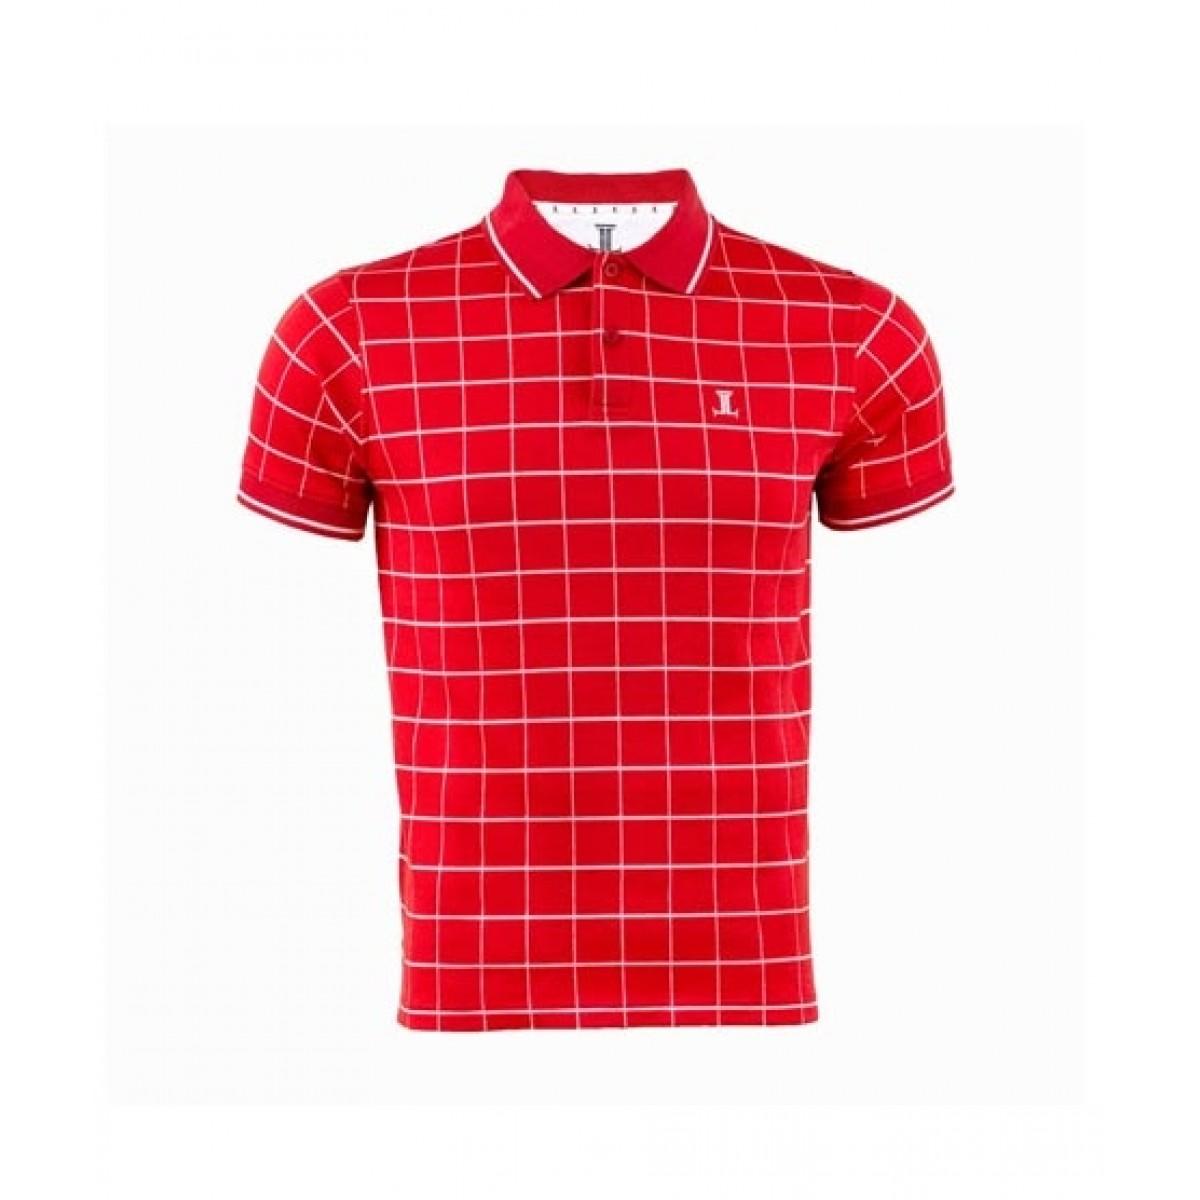 Julke Simon Polo Shirt For Men Red